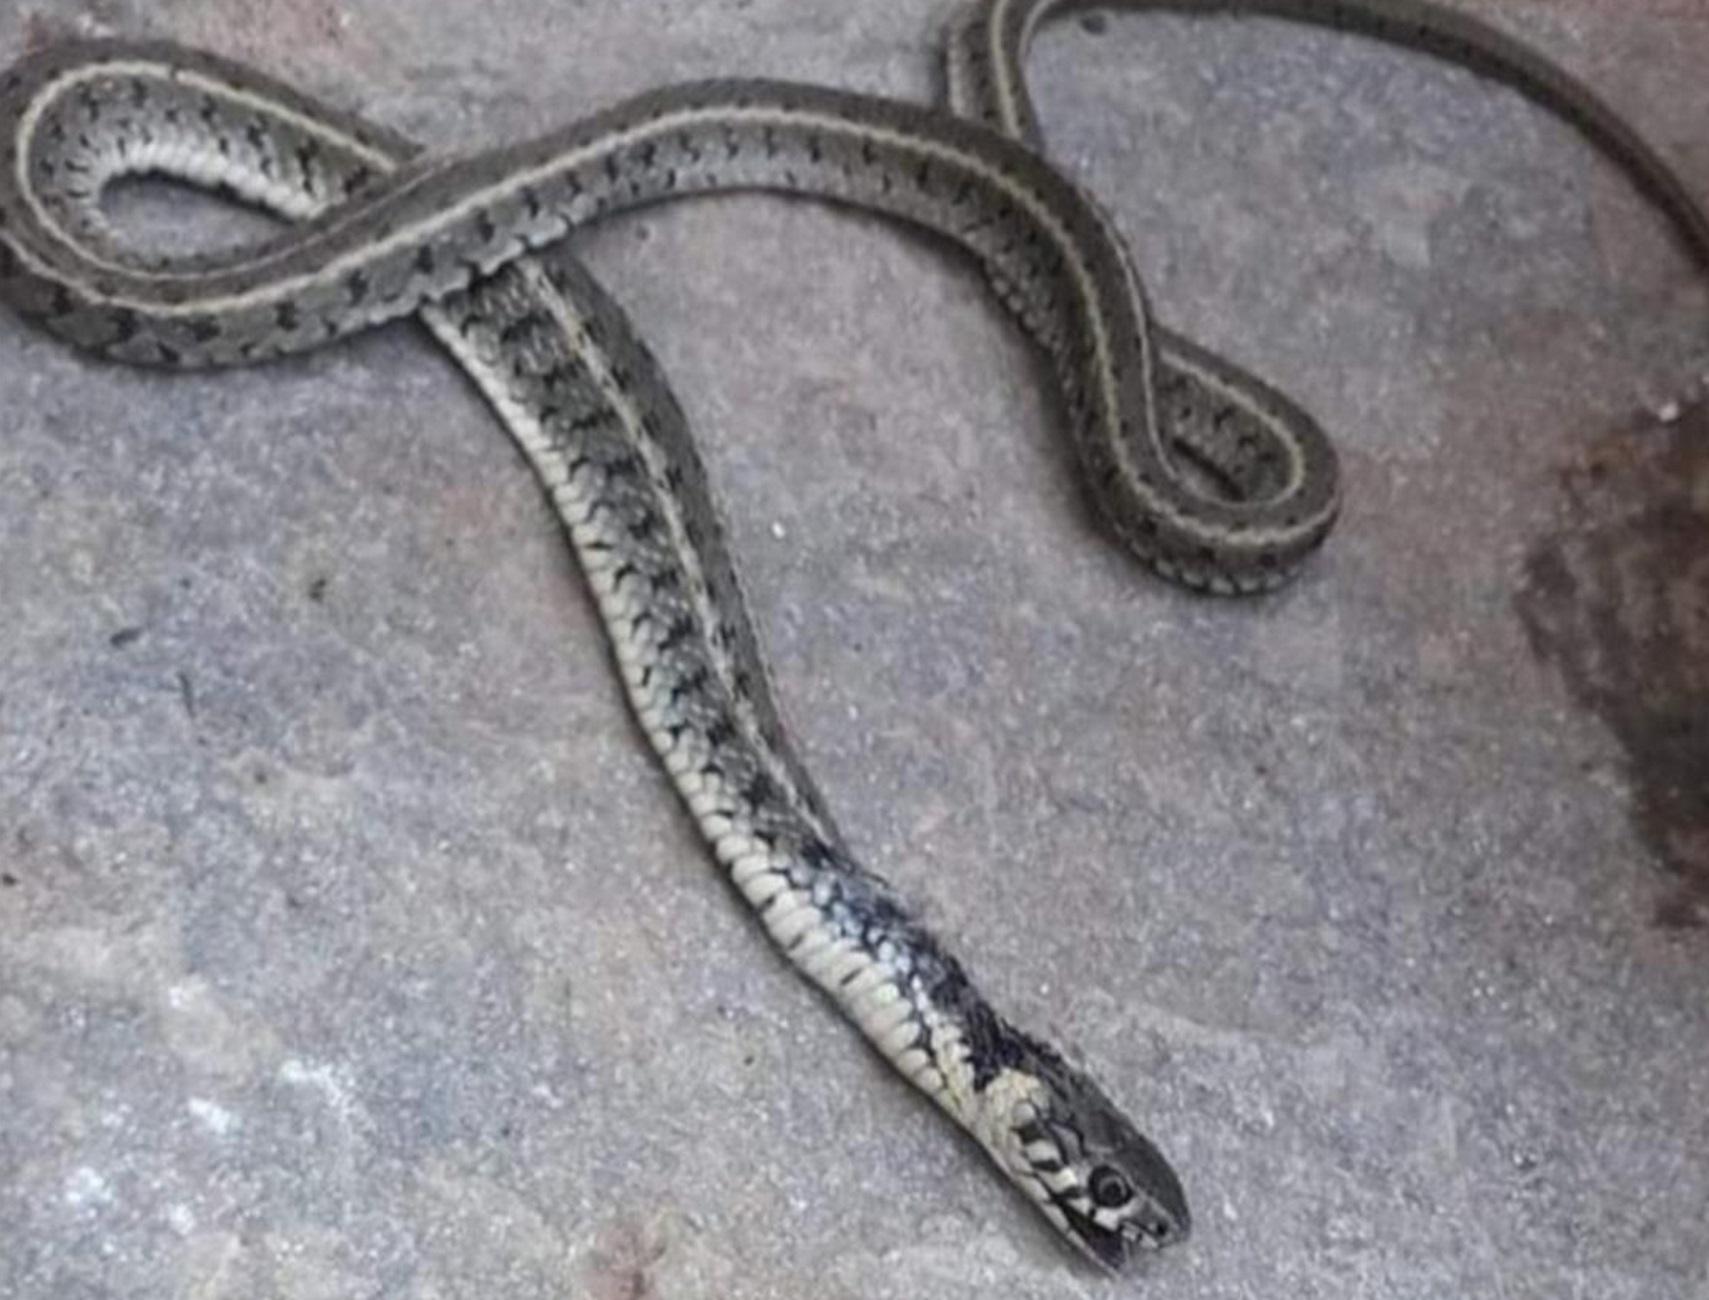 Σέρρες: Αυτό το φίδι στον καναπέ του σπιτιού της – Οι φωνές ξεσήκωσαν ένα ολόκληρο οικοδομικό τετράγωνο